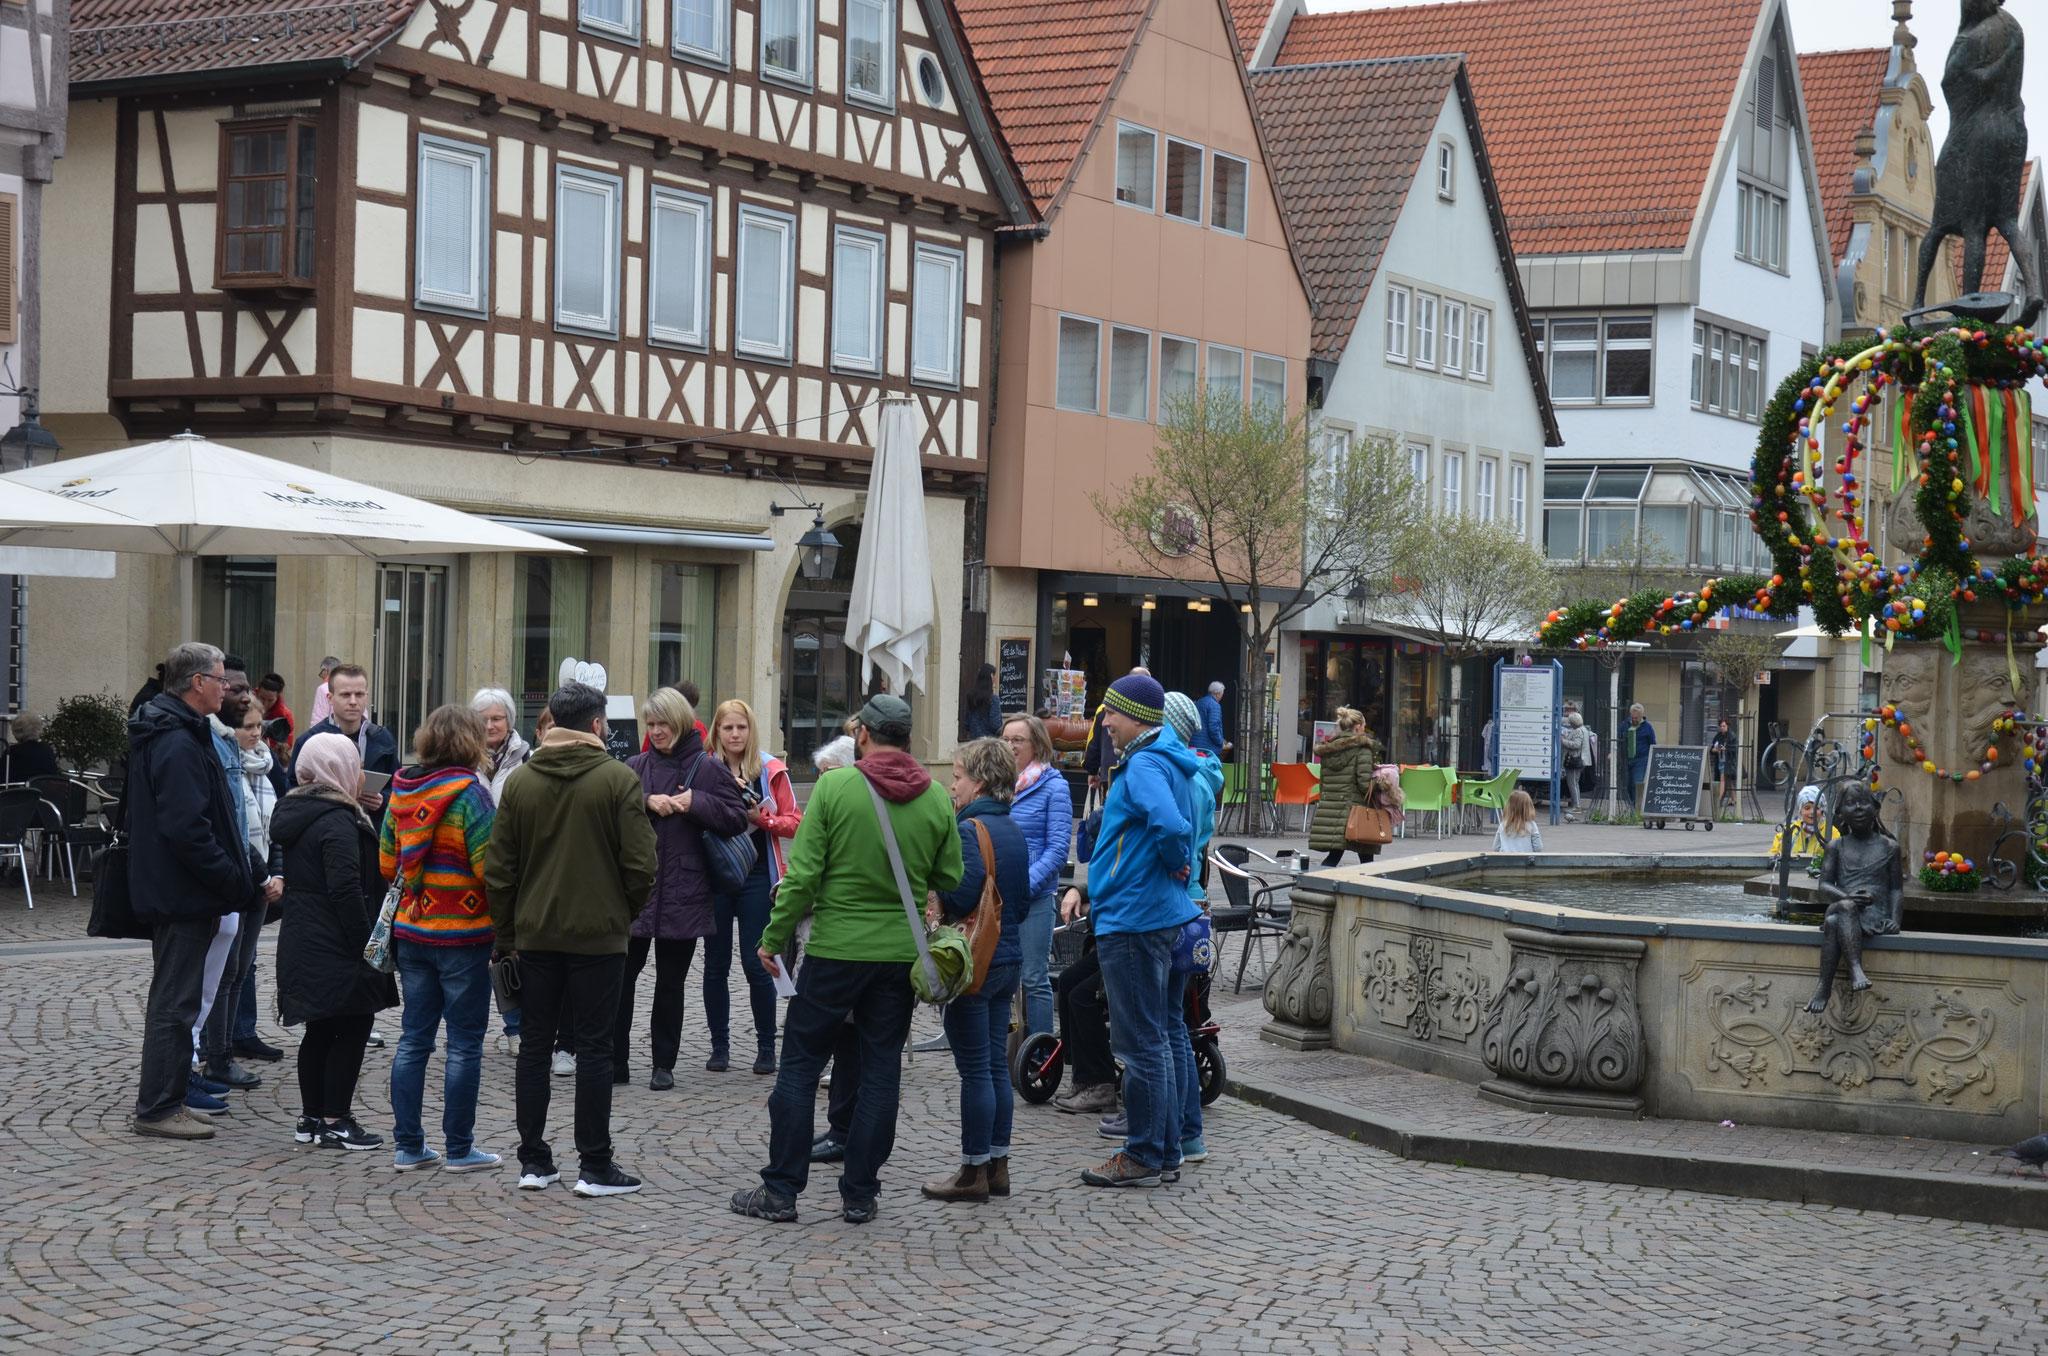 Heimattage - 'Stadtrundgang' schaute im Tafelladen vorbei